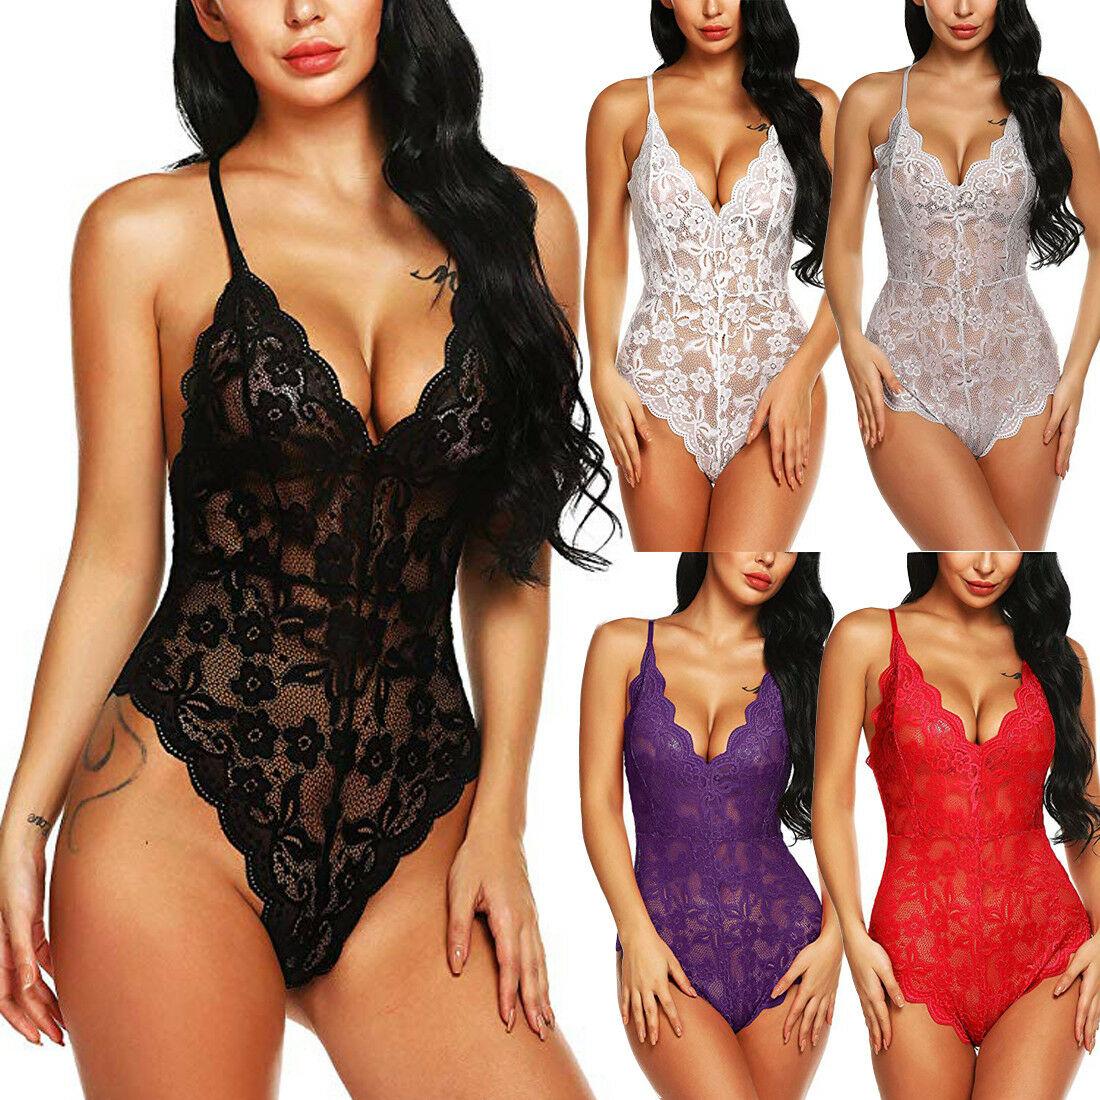 Plus Size Sexy Erotic Nightdress Women Sexy Lingerie Female Girls Lace Floral Dress Deep V-Neck Nightdress Nightwear Sleepwear